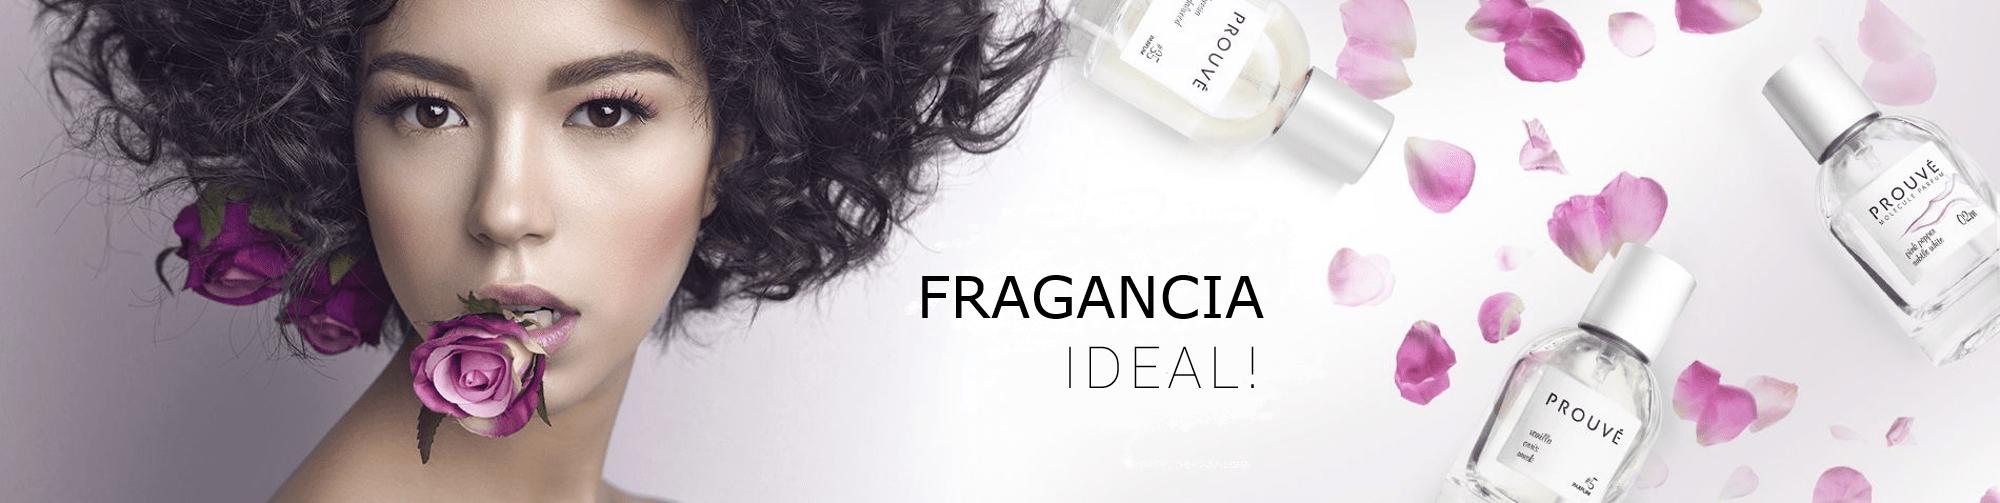 fragancia ideal